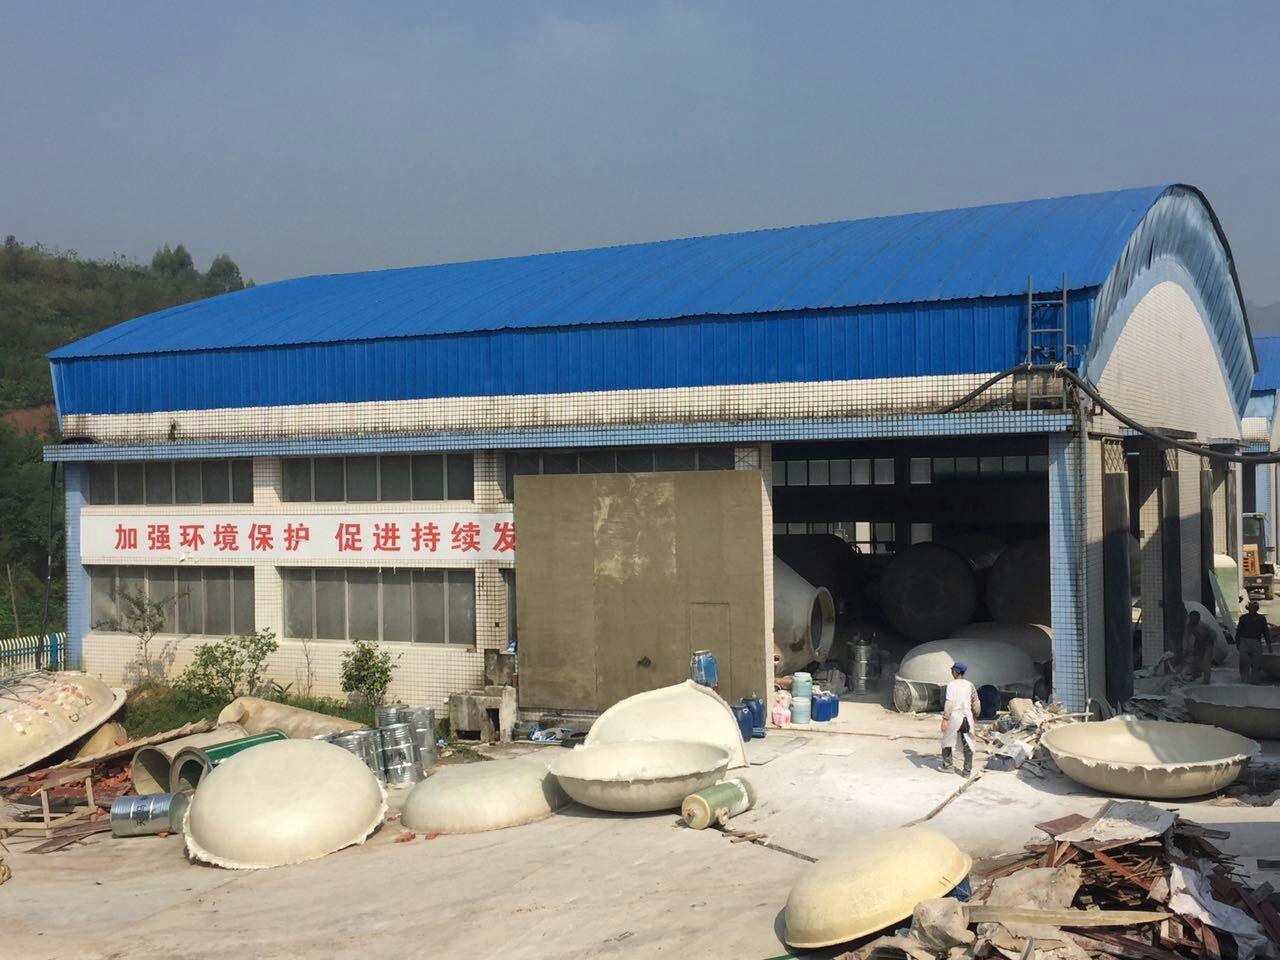 来自王**发布的公司动态信息:受人尊敬的工人们 您们幸苦了... - 枣强县聚友兴玻璃钢有限公司